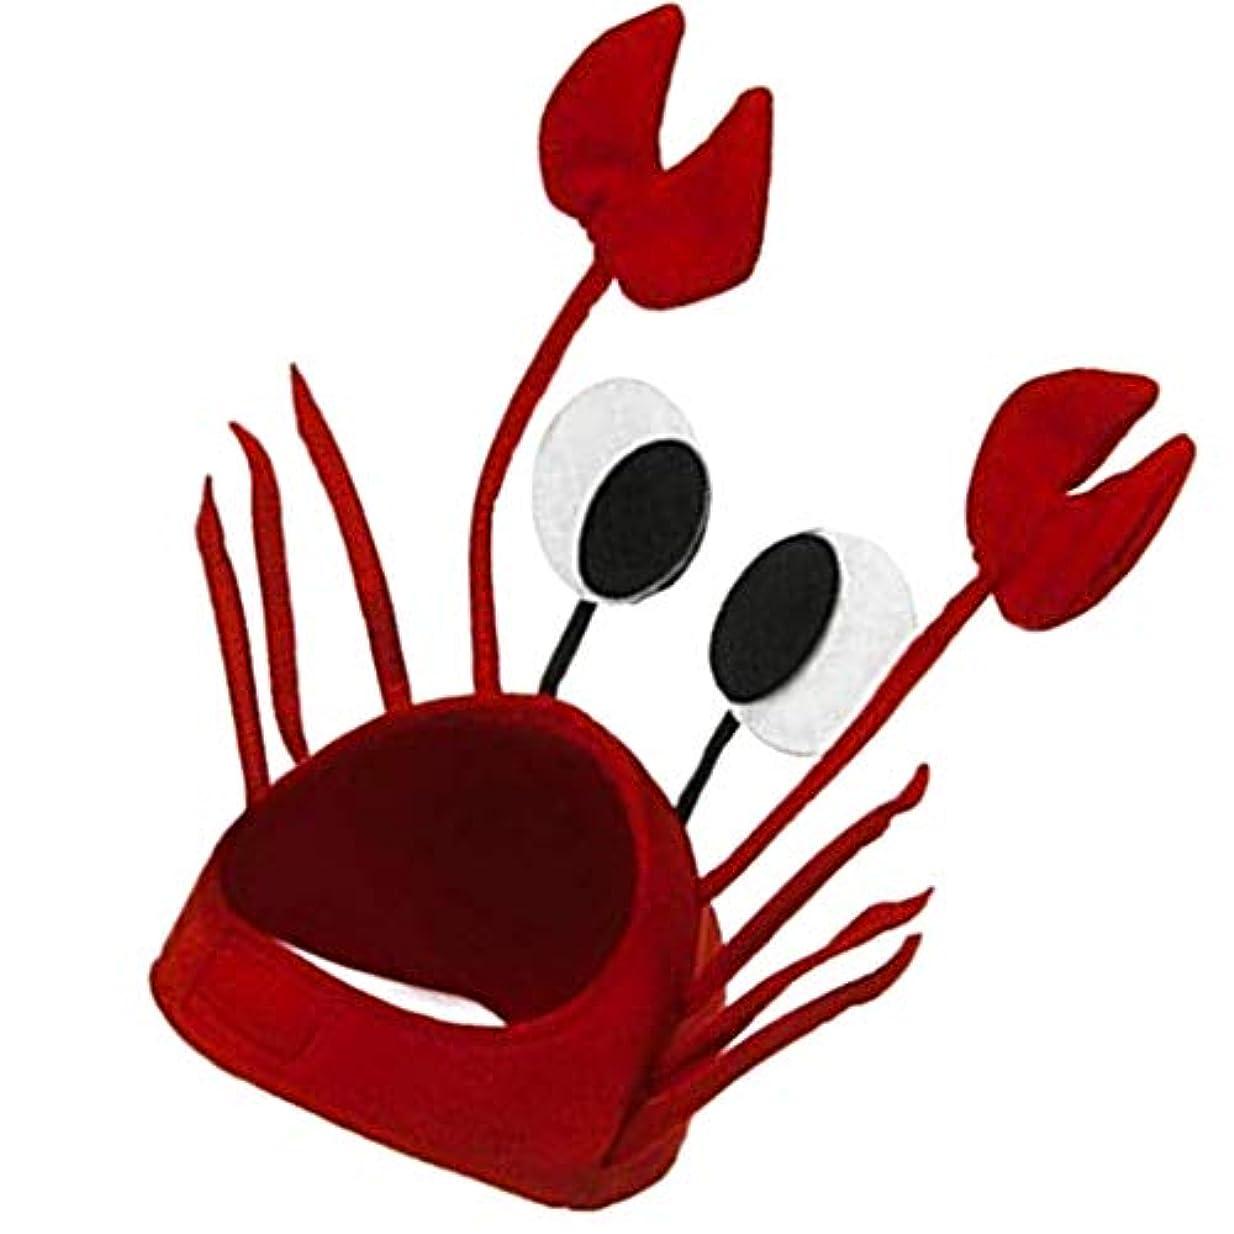 弓クリアフォークTopFires 女の子 カニハット 幼稚園ボーイズ 子供の日 ビーニーキャップ おかしい 休日の小道具 クリスマスのギフト